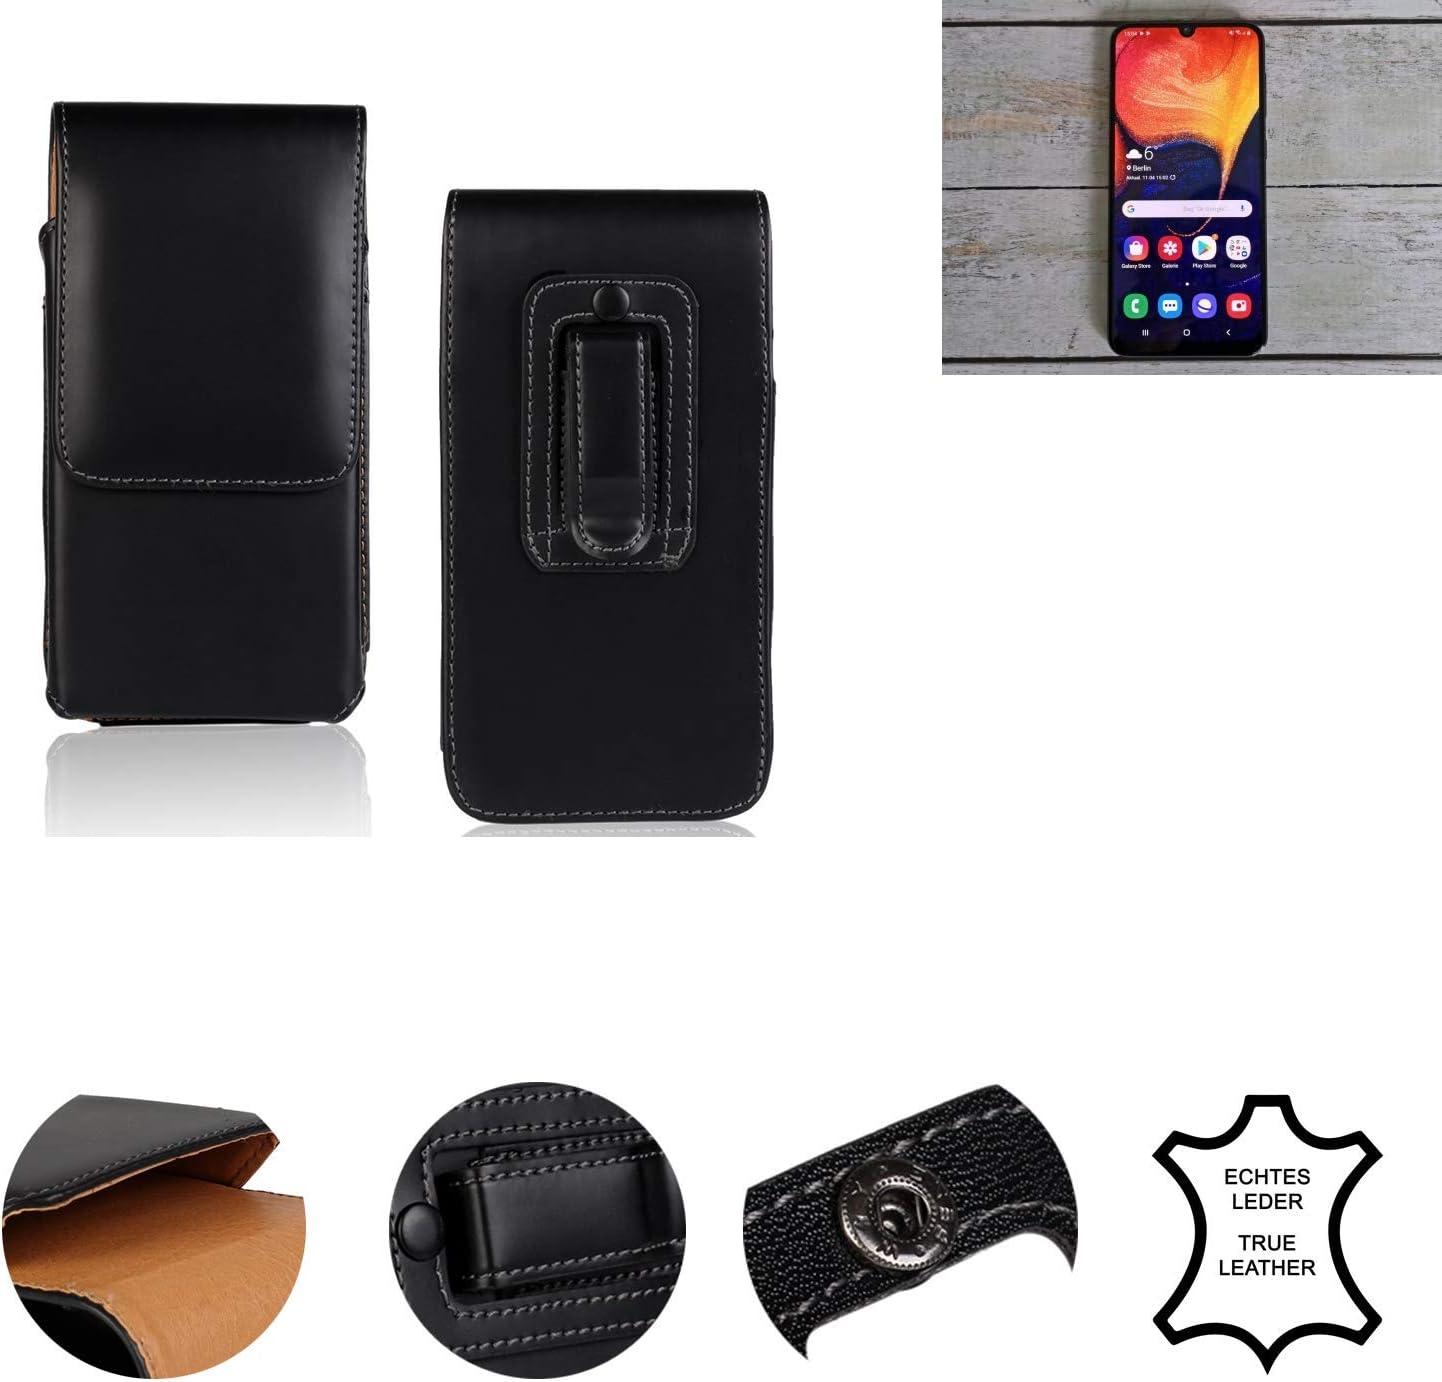 K-S-Trade/® Handyh/ülle F/ür Samsung Galaxy A70 G/ürteltasche Holster Handytasche G/ürtel Tasche Schutzh/ülle Robuste Handy Schutz H/ülle Tasche Outdoor Schwarz